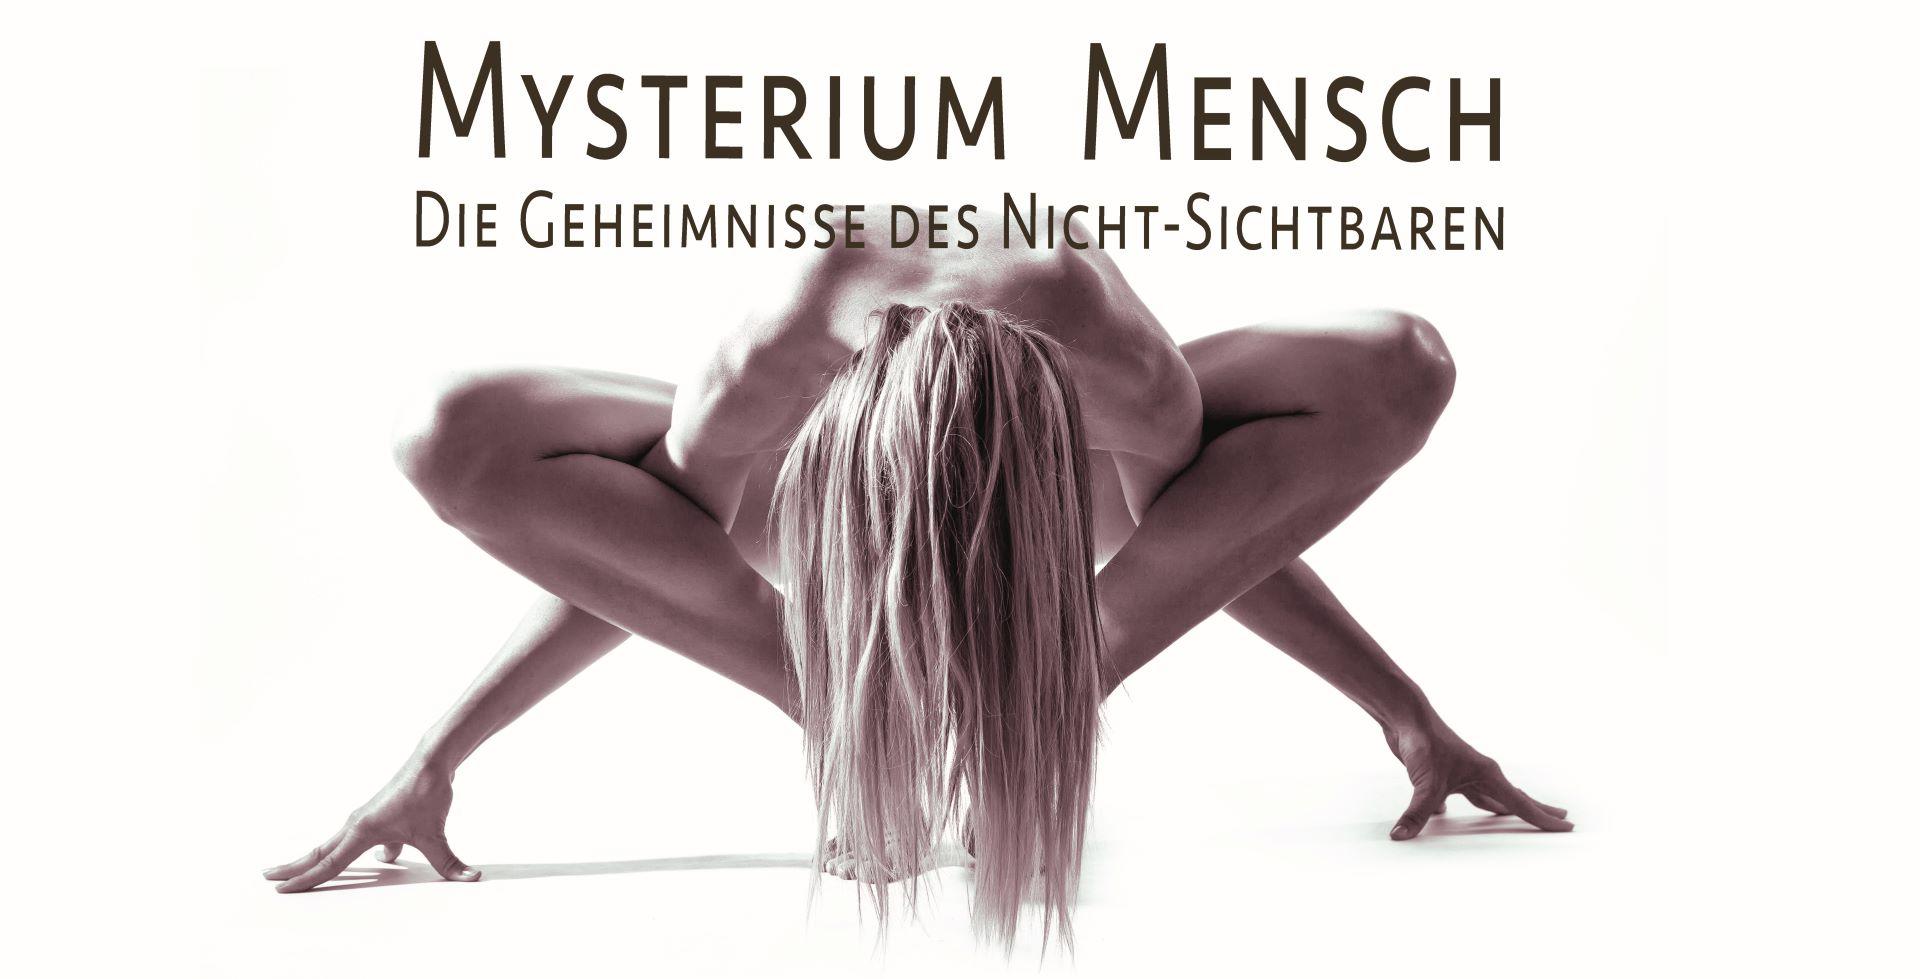 Eventreihe - Mysterium Mensch - Die Geheimnisse des Nicht-Sichtbaren